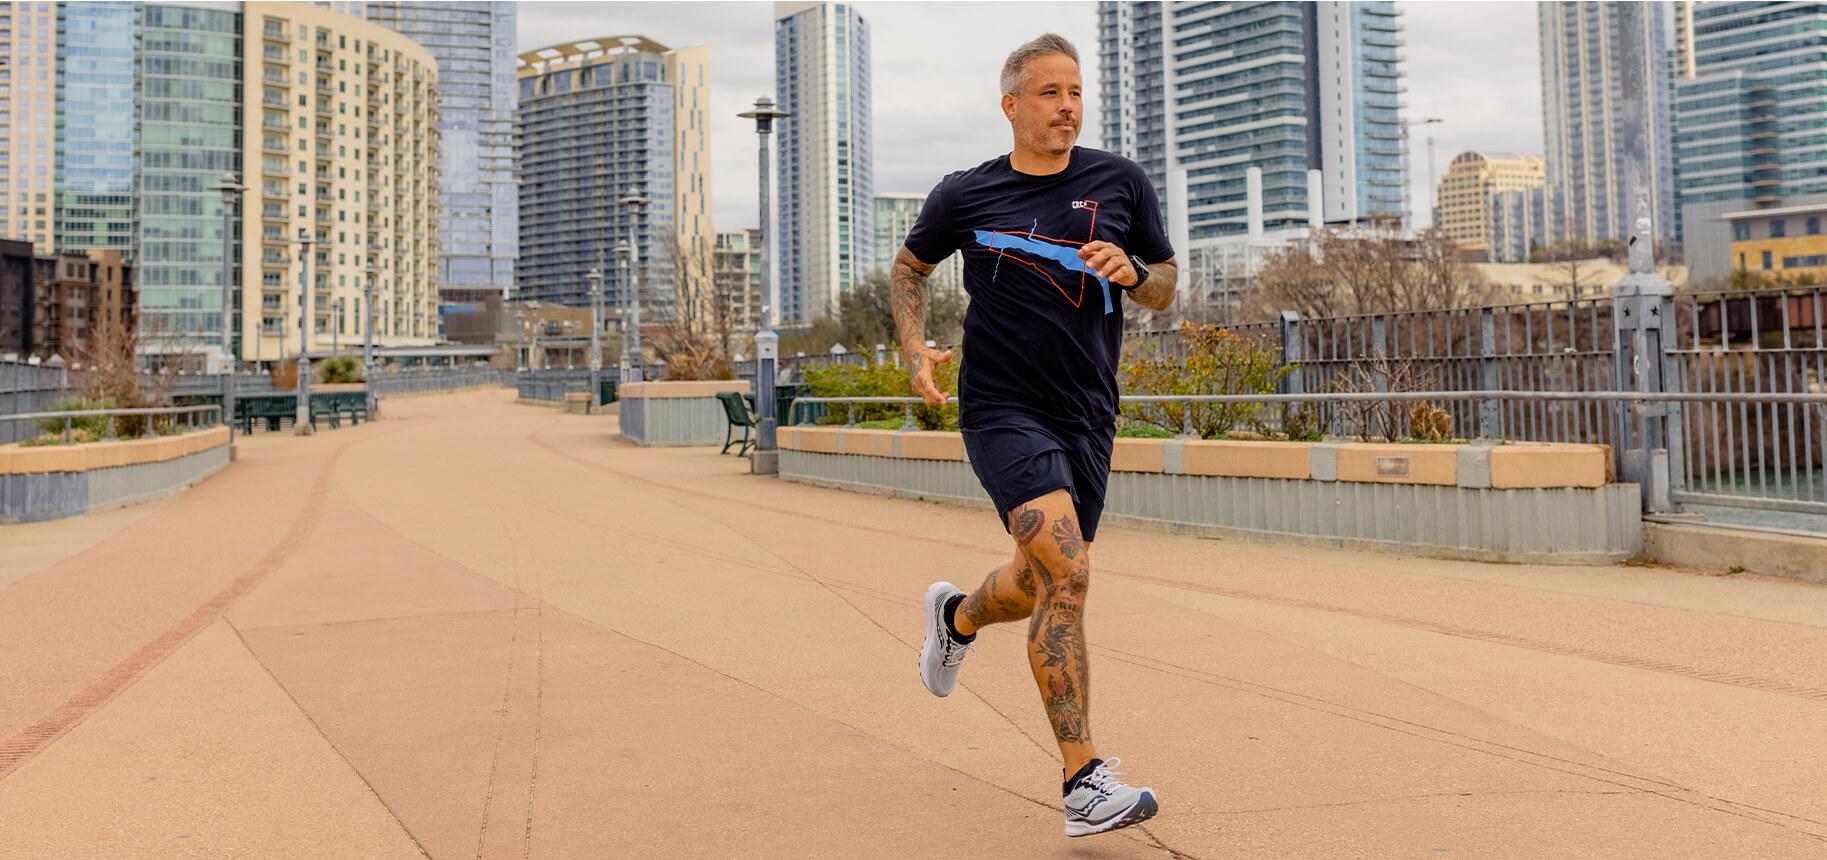 Phillip Speer running on an urban trail.